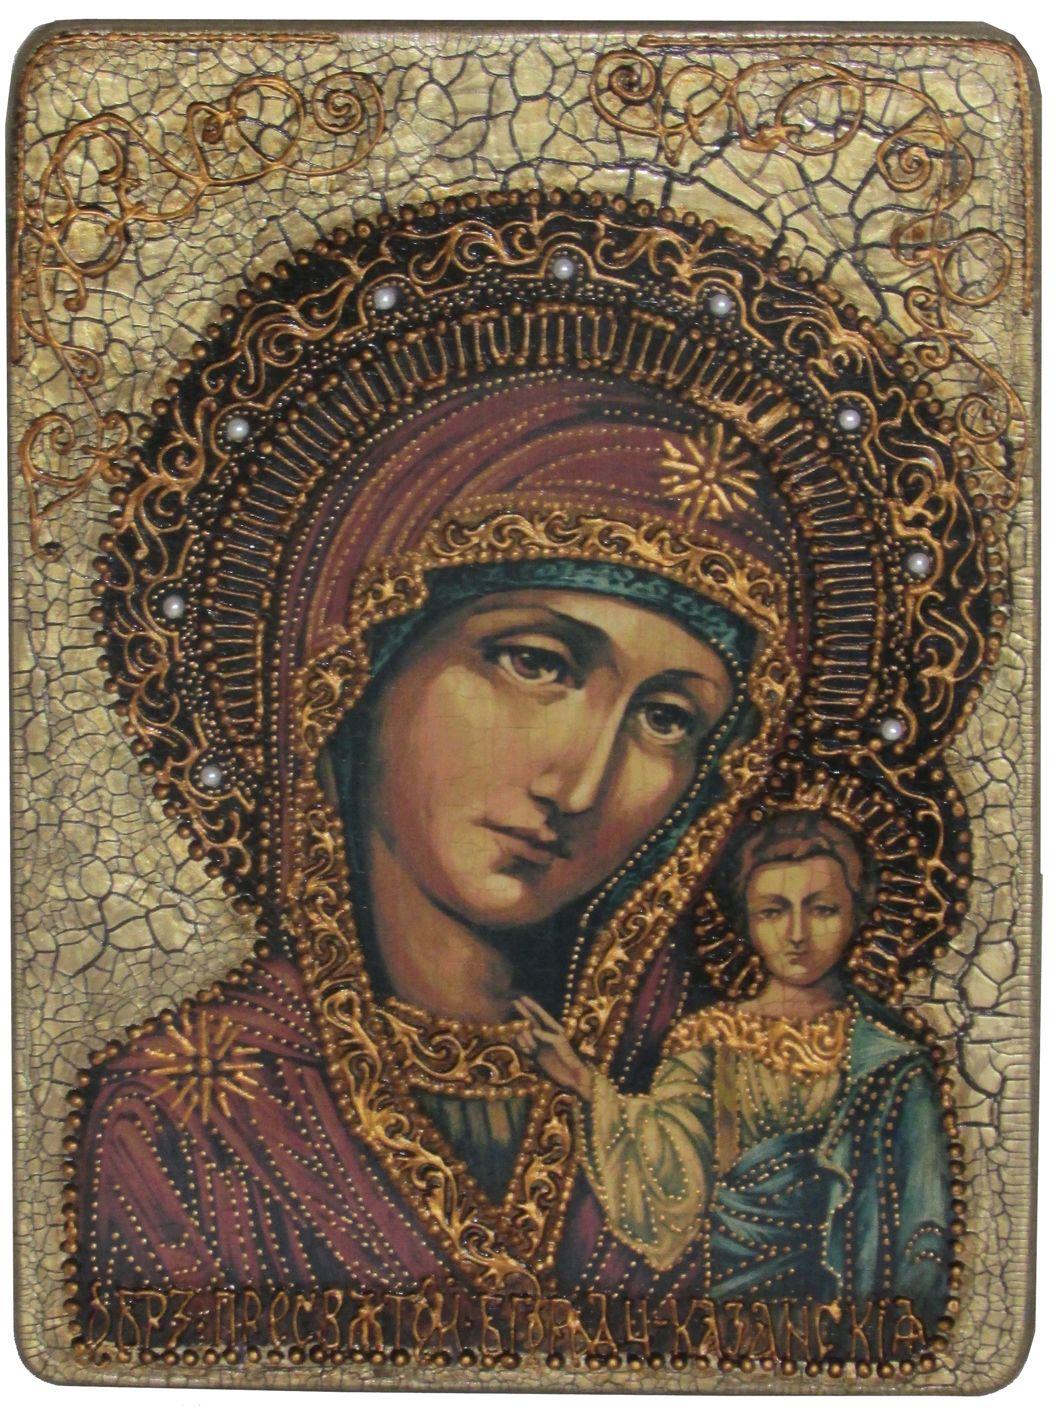 Икона Казанской Божьей Матери в Южно-Сахалинске